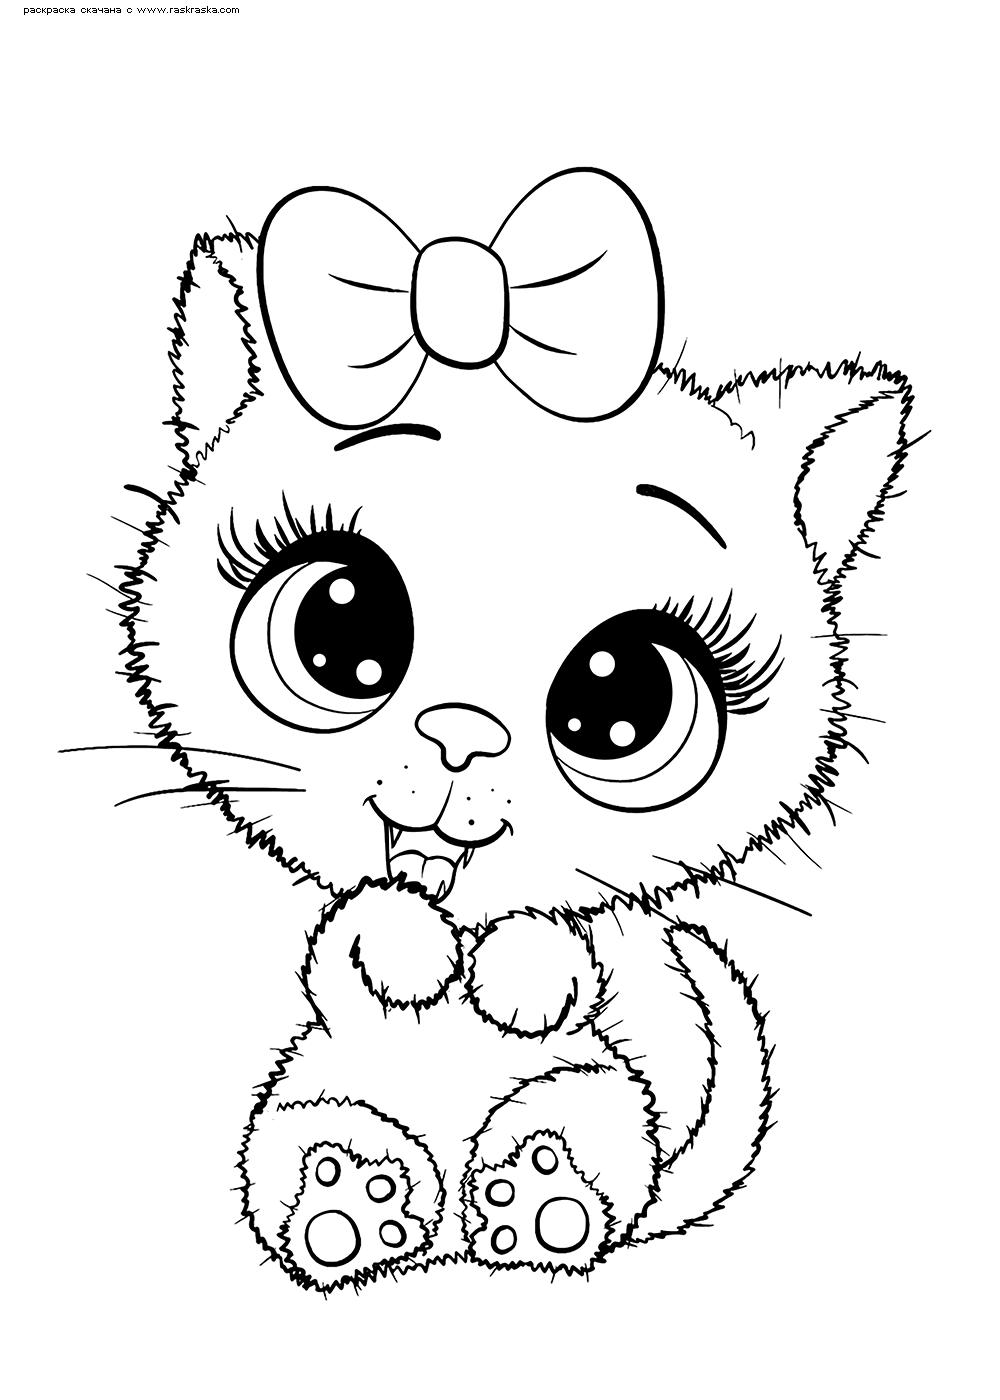 Раскраска Милая кошечка | Раскраски няшных животных. Милые ...